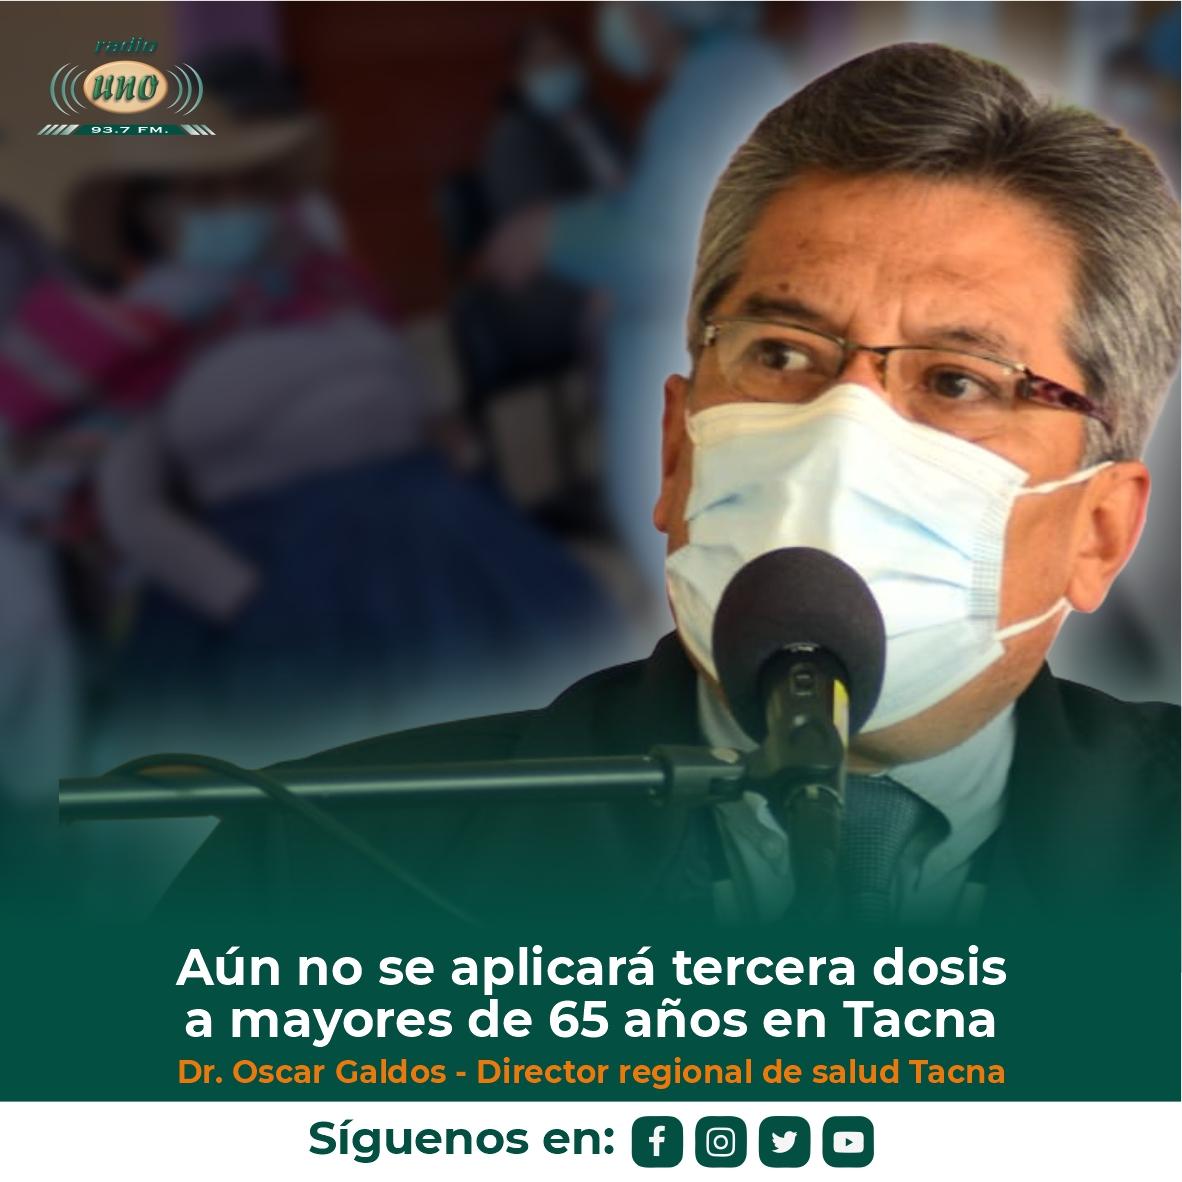 Aún no se aplicará tercera dosis a mayores de 65 años en Tacna